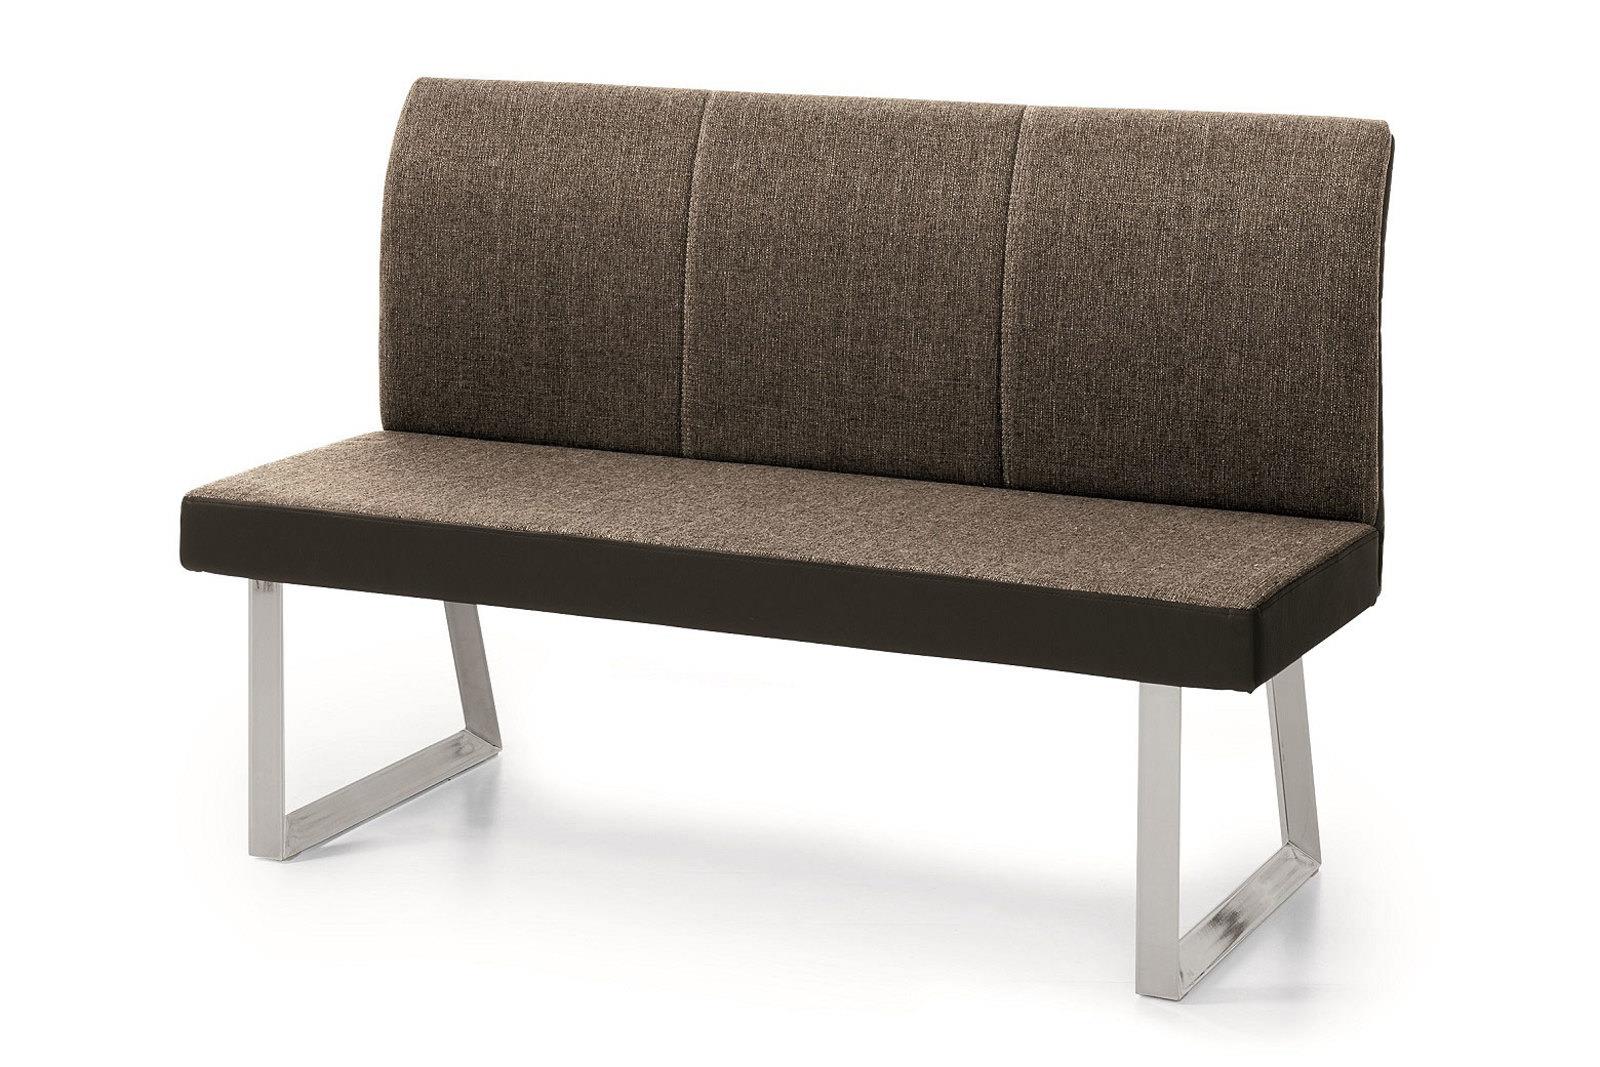 set one by musterring sitzbank online entdecken knuffmann ihr m belhaus. Black Bedroom Furniture Sets. Home Design Ideas